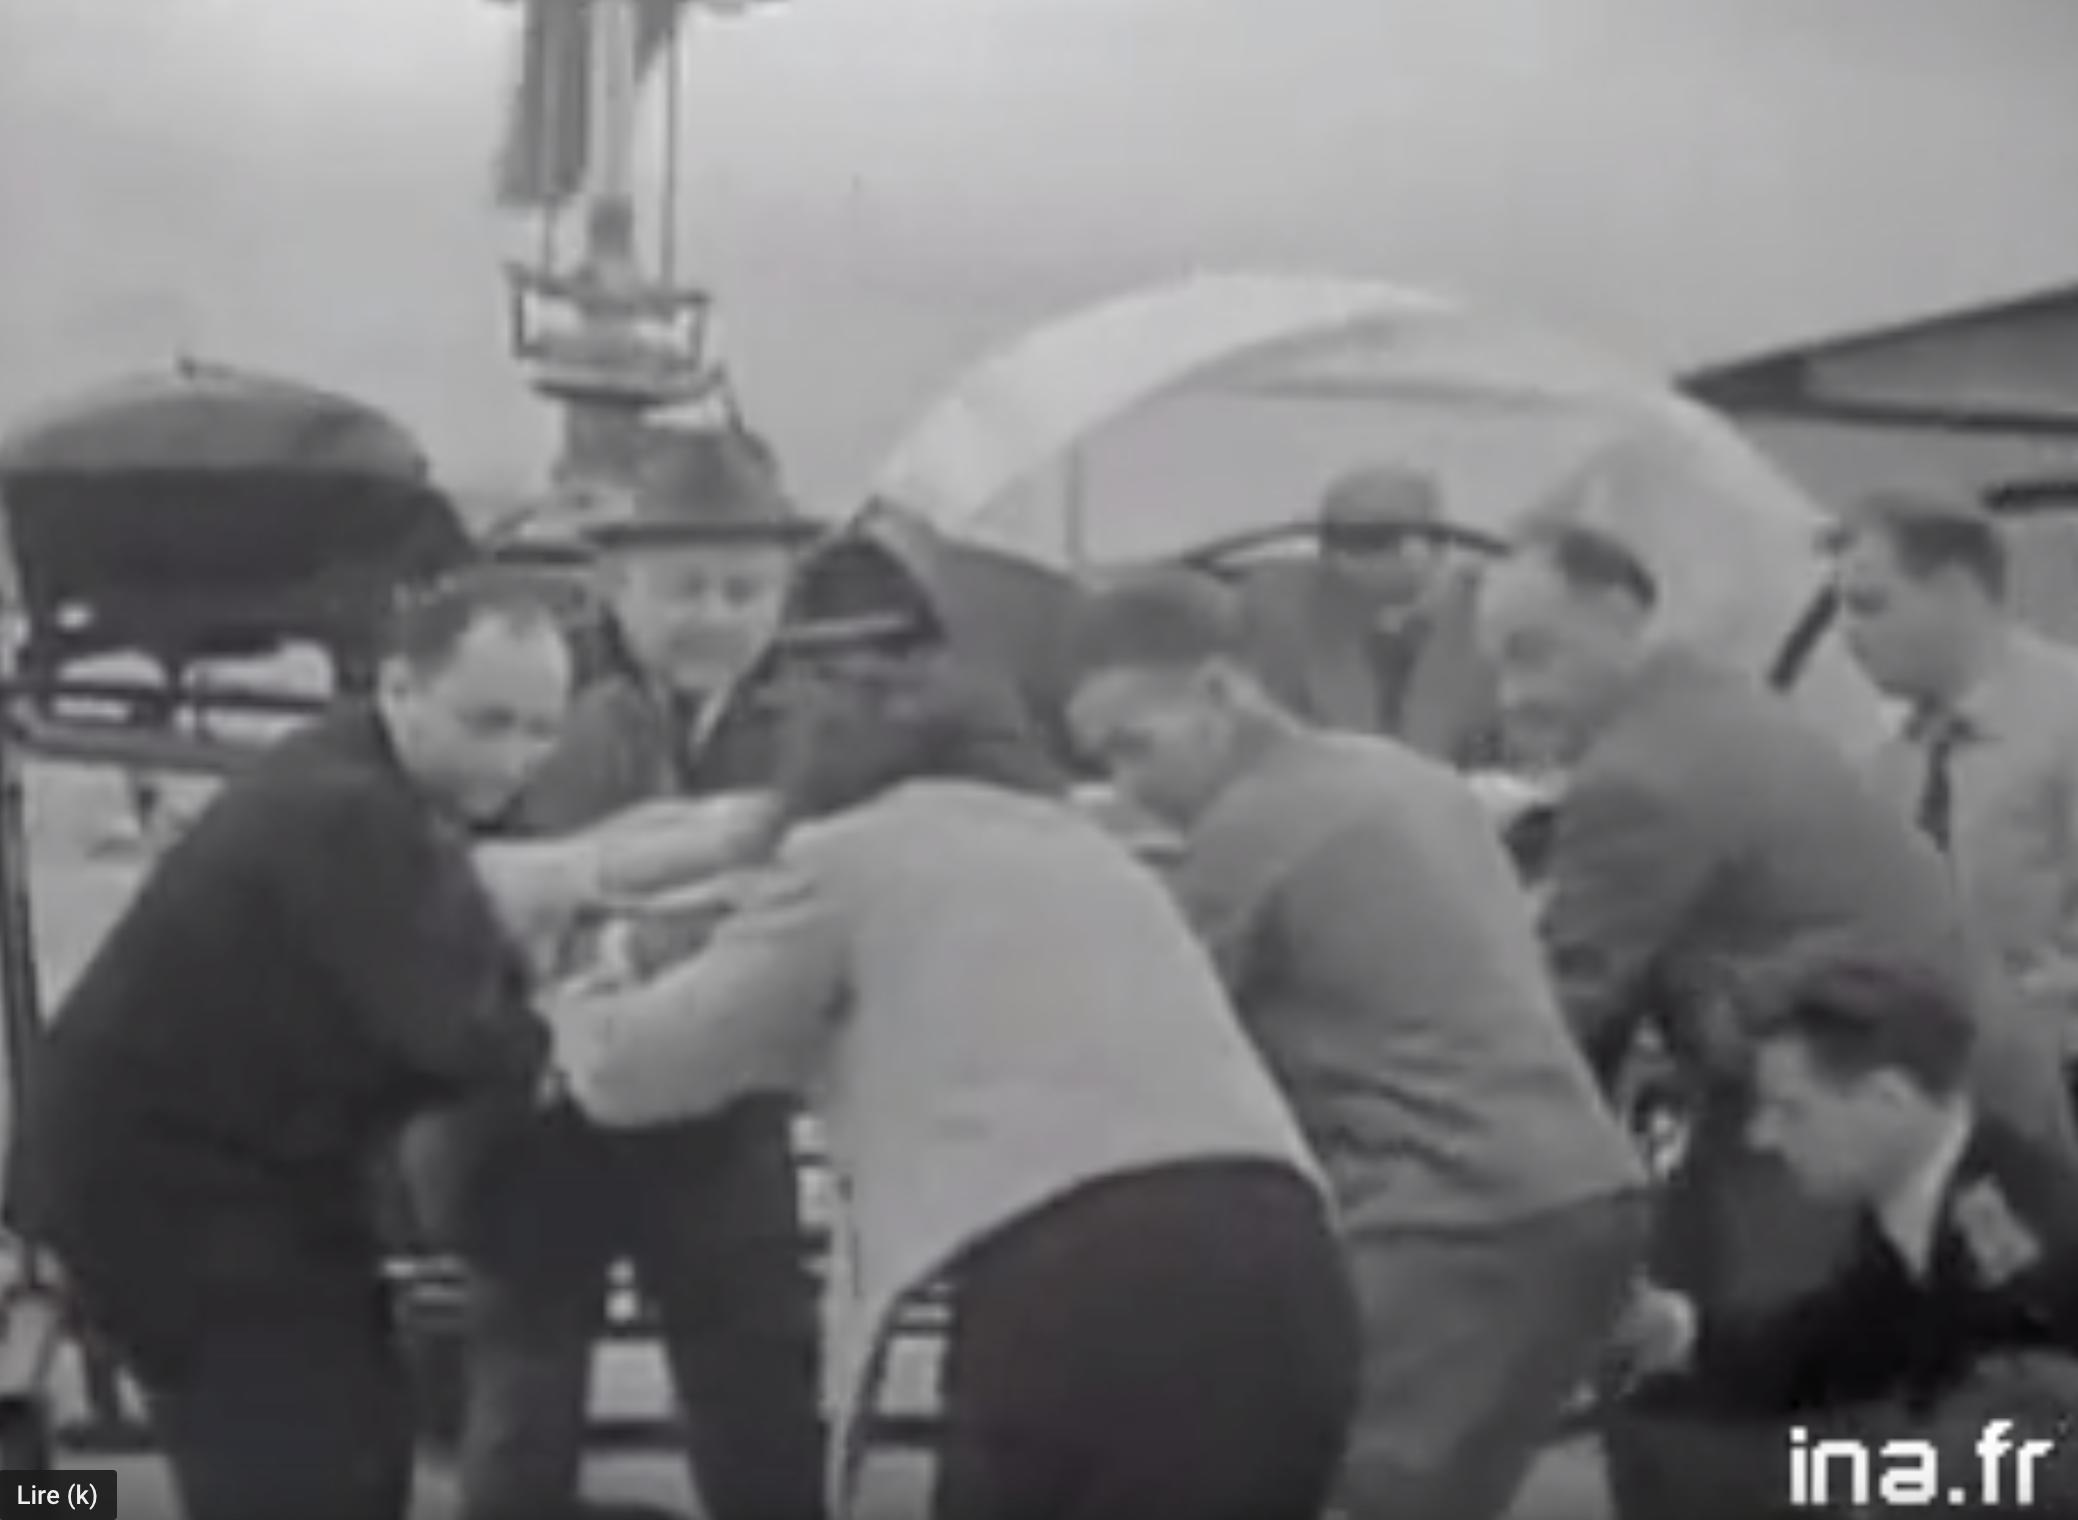 Obéissez à Castaner, surveillez… des fois que d'aucuns veuillent refaire la Toussaint rouge (Algérie, 1954)